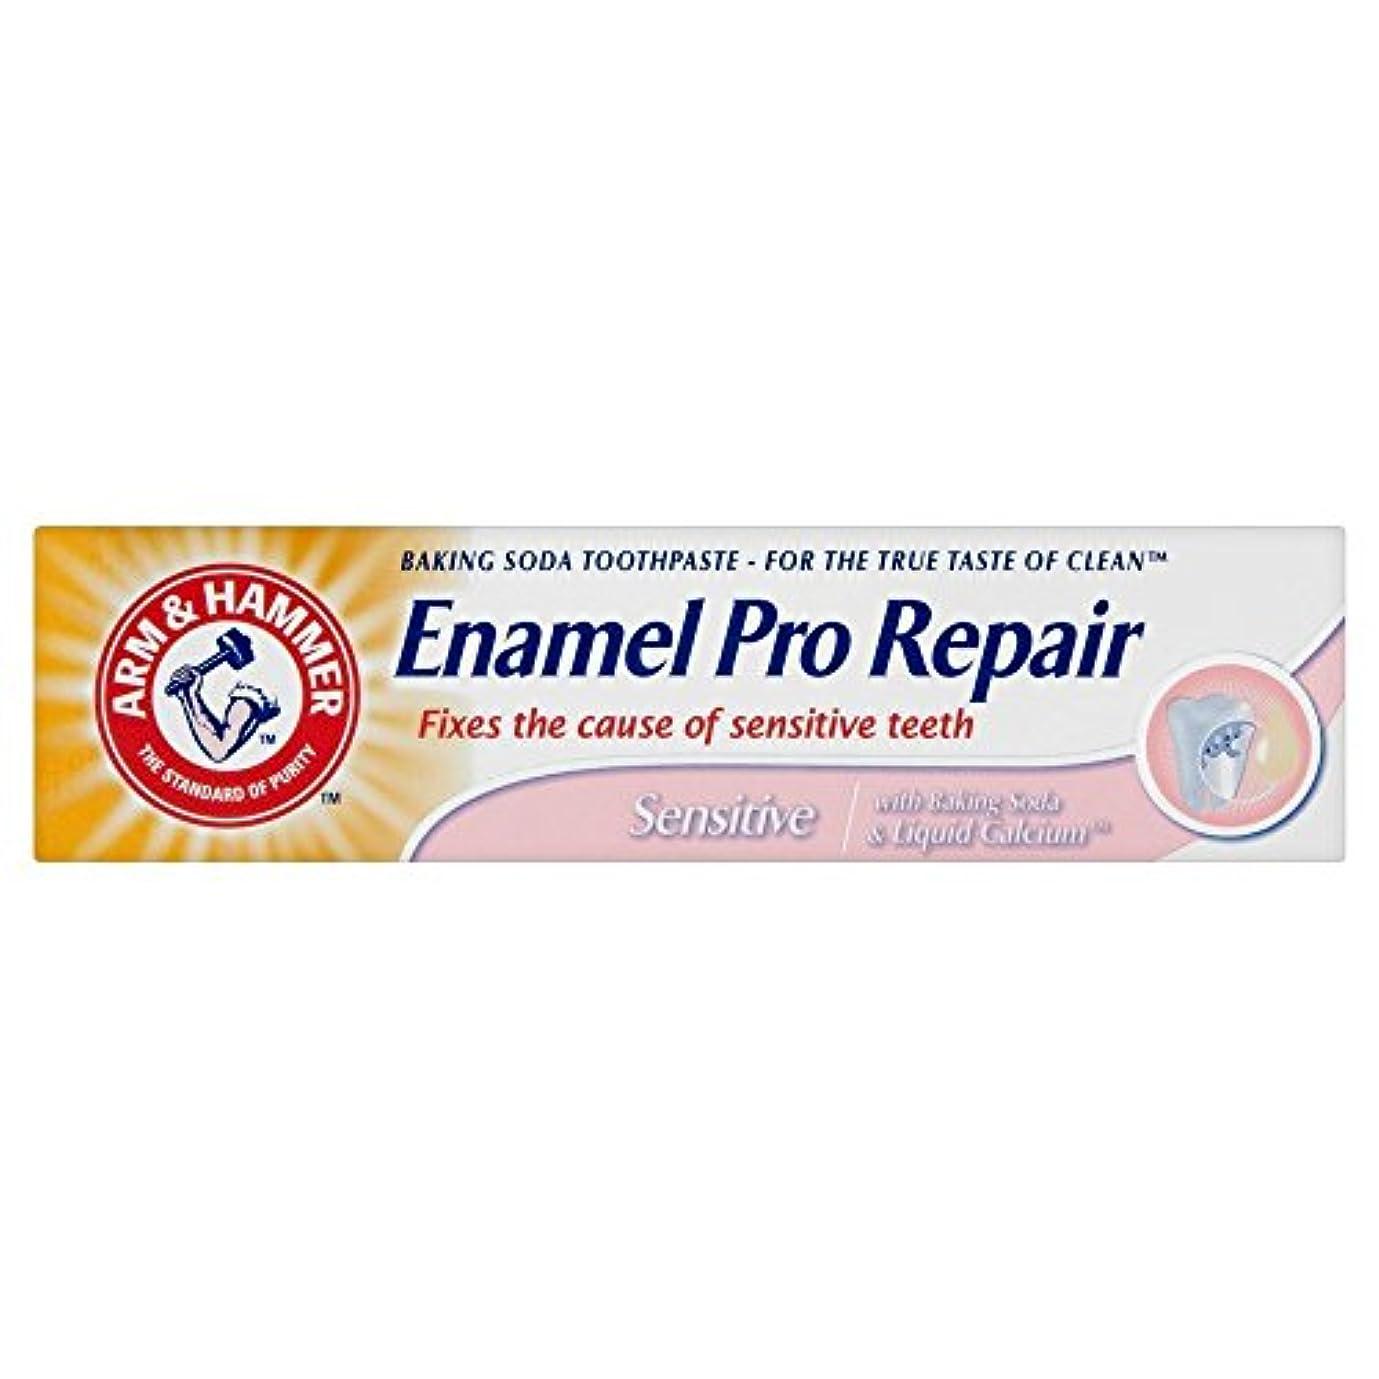 関係するスープあいまいArm & Hammer Enamel Care Sensitive Toothpaste Tube (75ml) アームとハンマーエナメルケア敏感歯磨き粉のチューブ( 75ミリリットル) [並行輸入品]